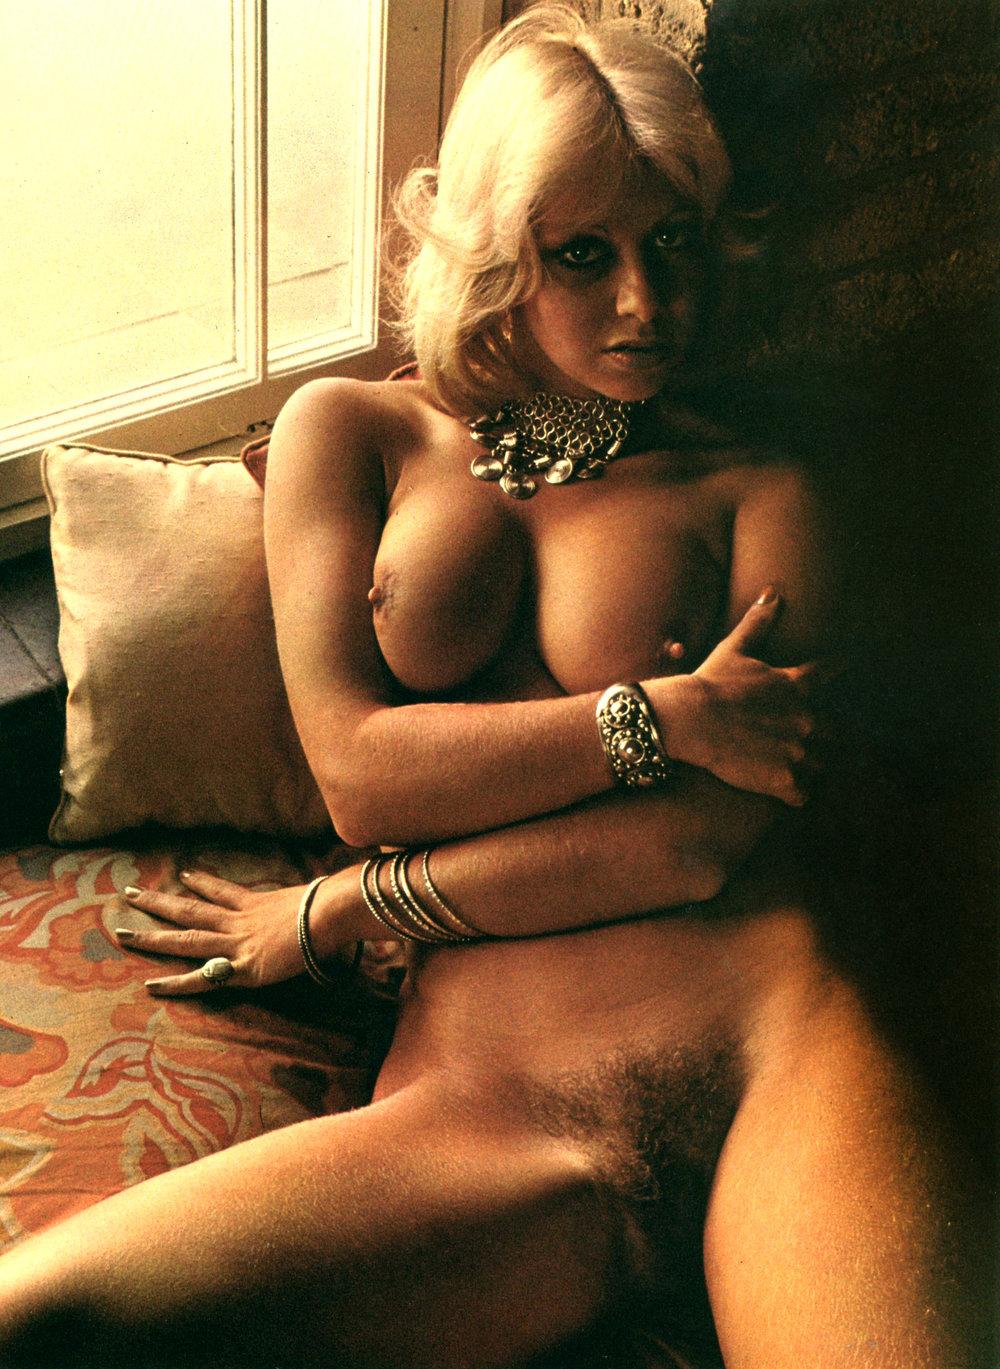 martie-by-fred-enke-club-magazine-1975